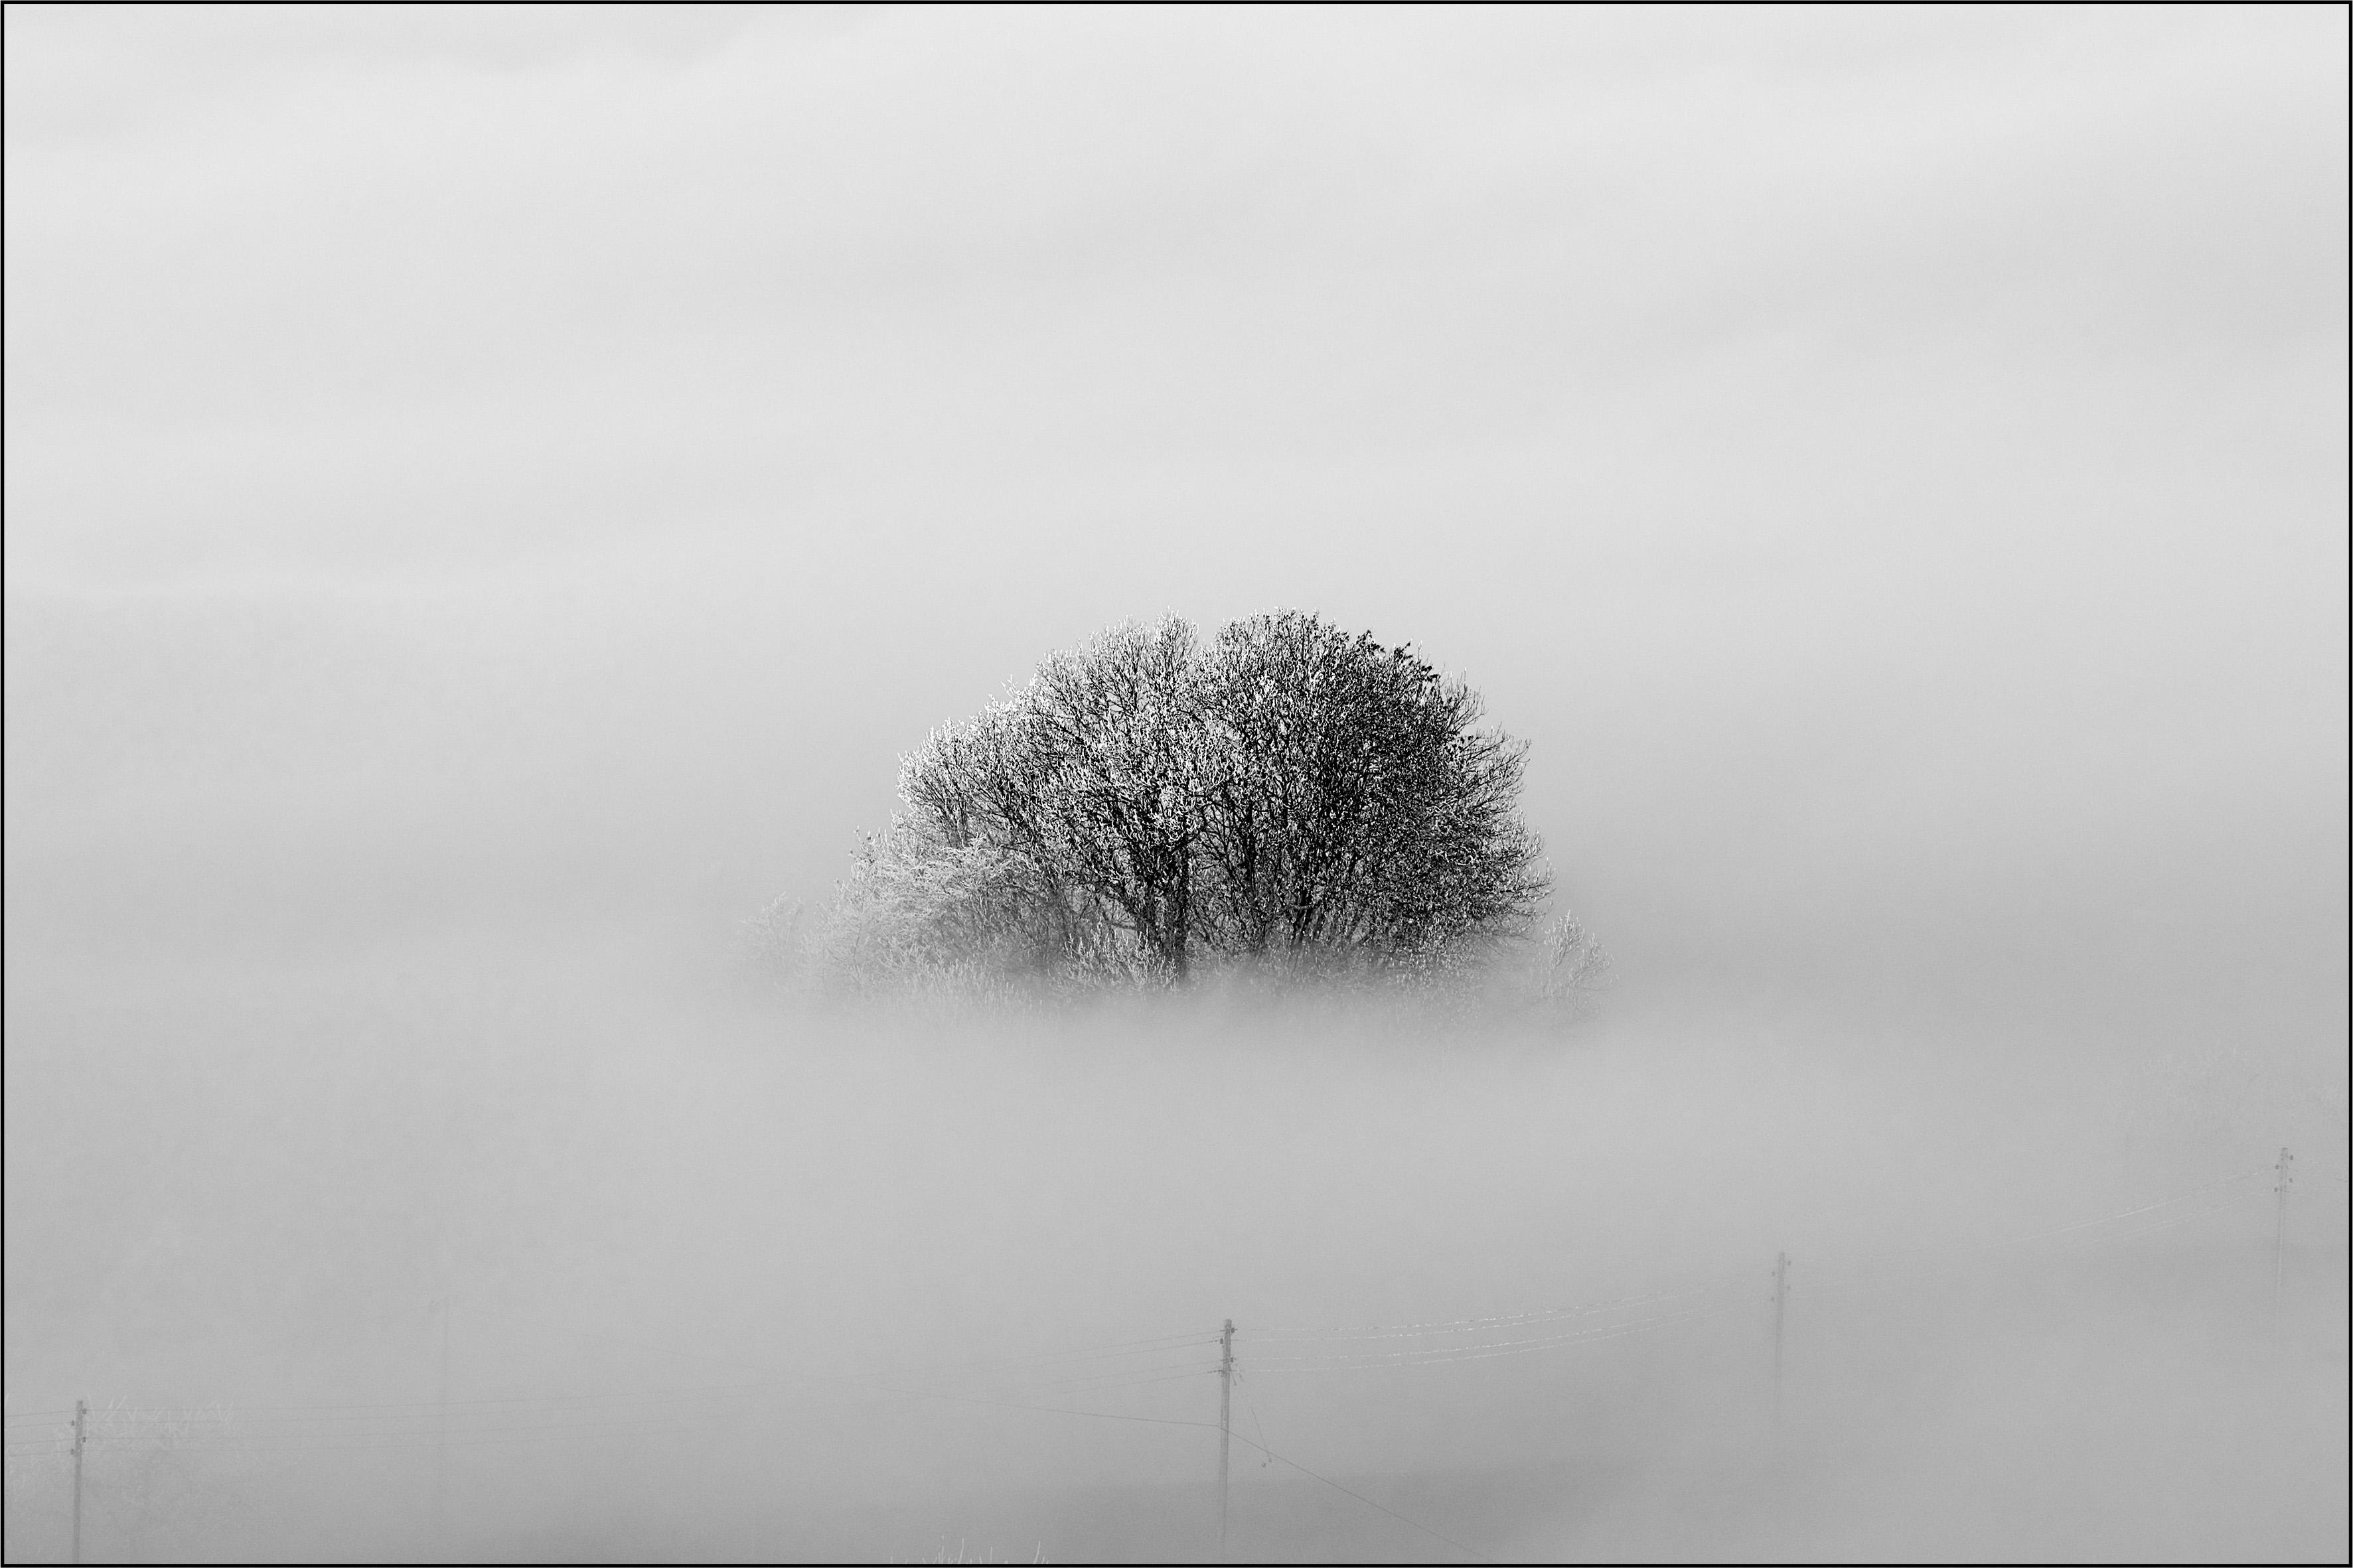 Nebel_Baum_1